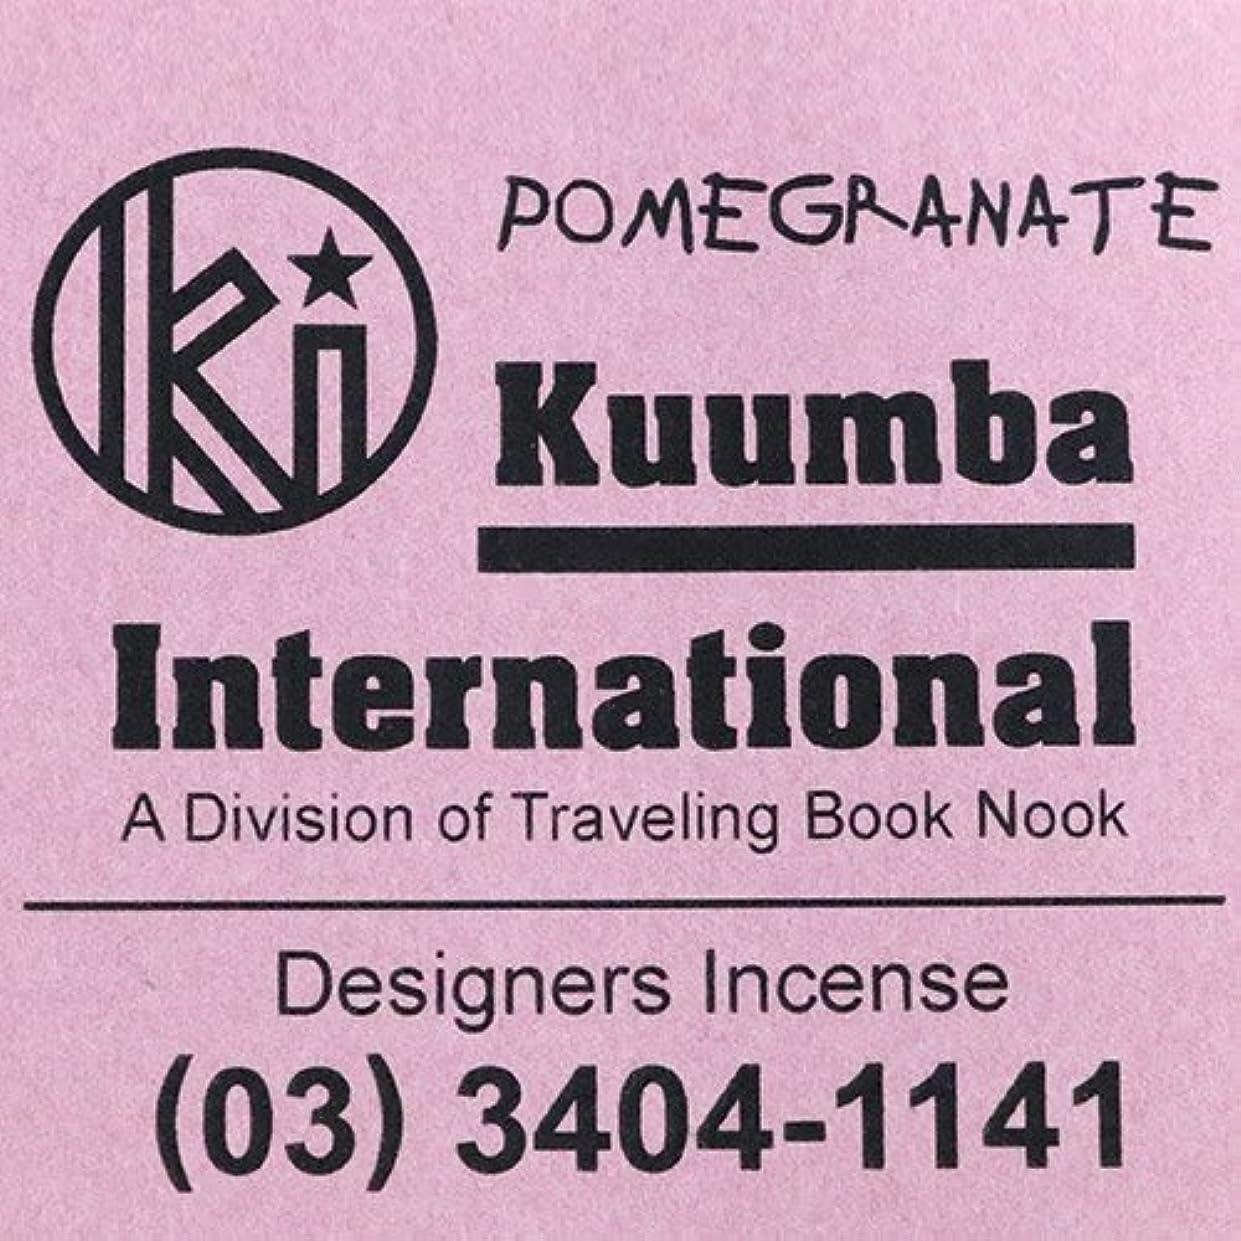 シビックアーチ暗殺者(クンバ) KUUMBA『incense』(POMEGRANATE) (Regular size)